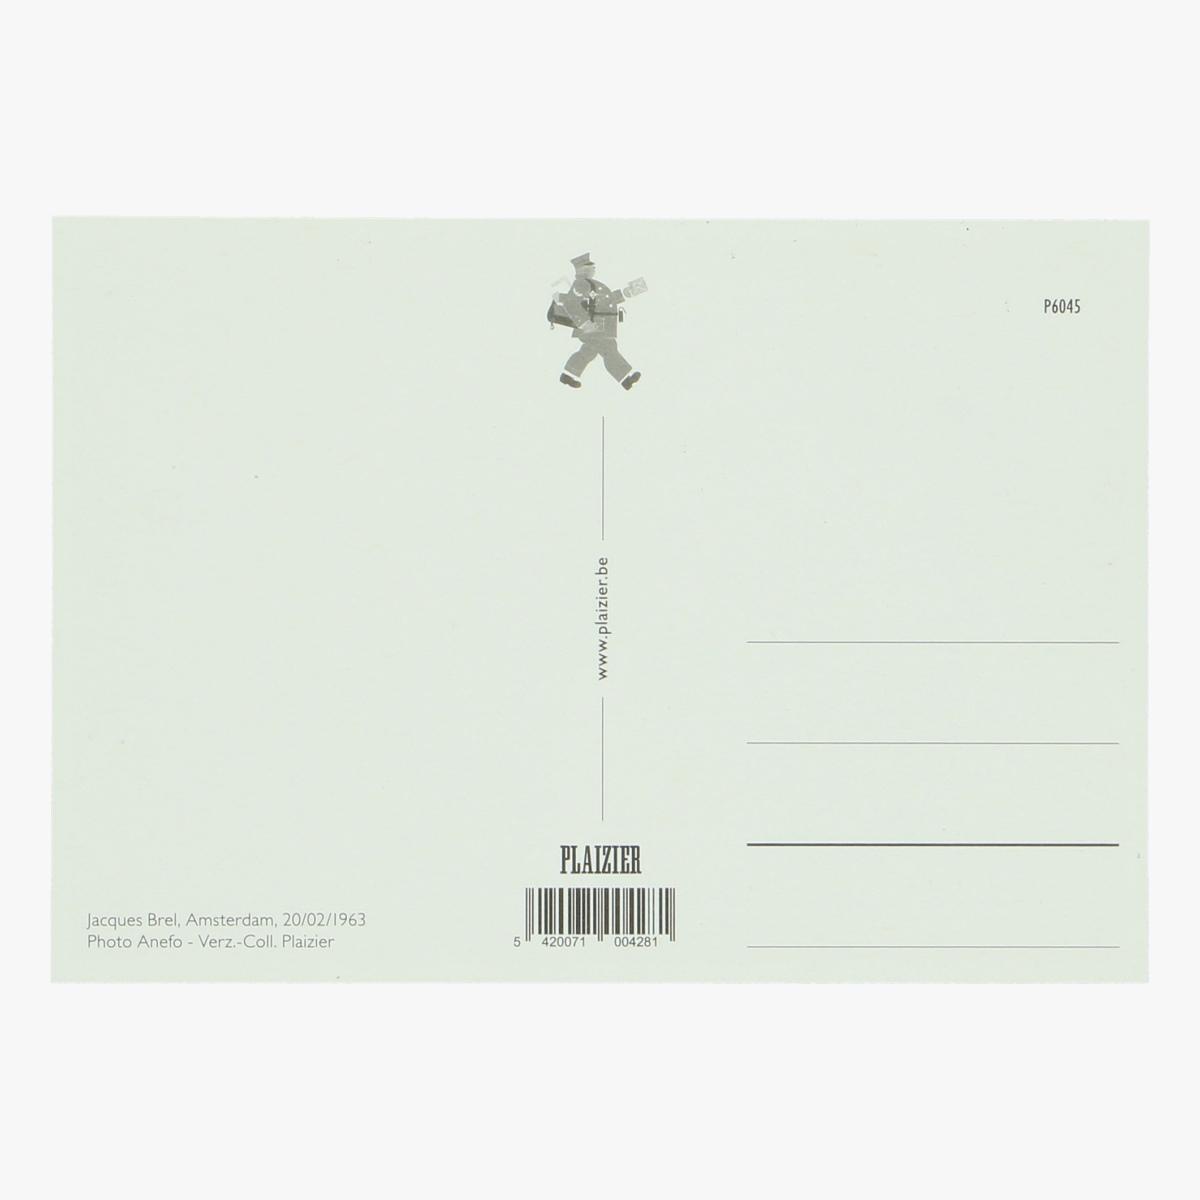 Afbeeldingen van postkaart Jacques Brel, Amsterdam 1963 repro